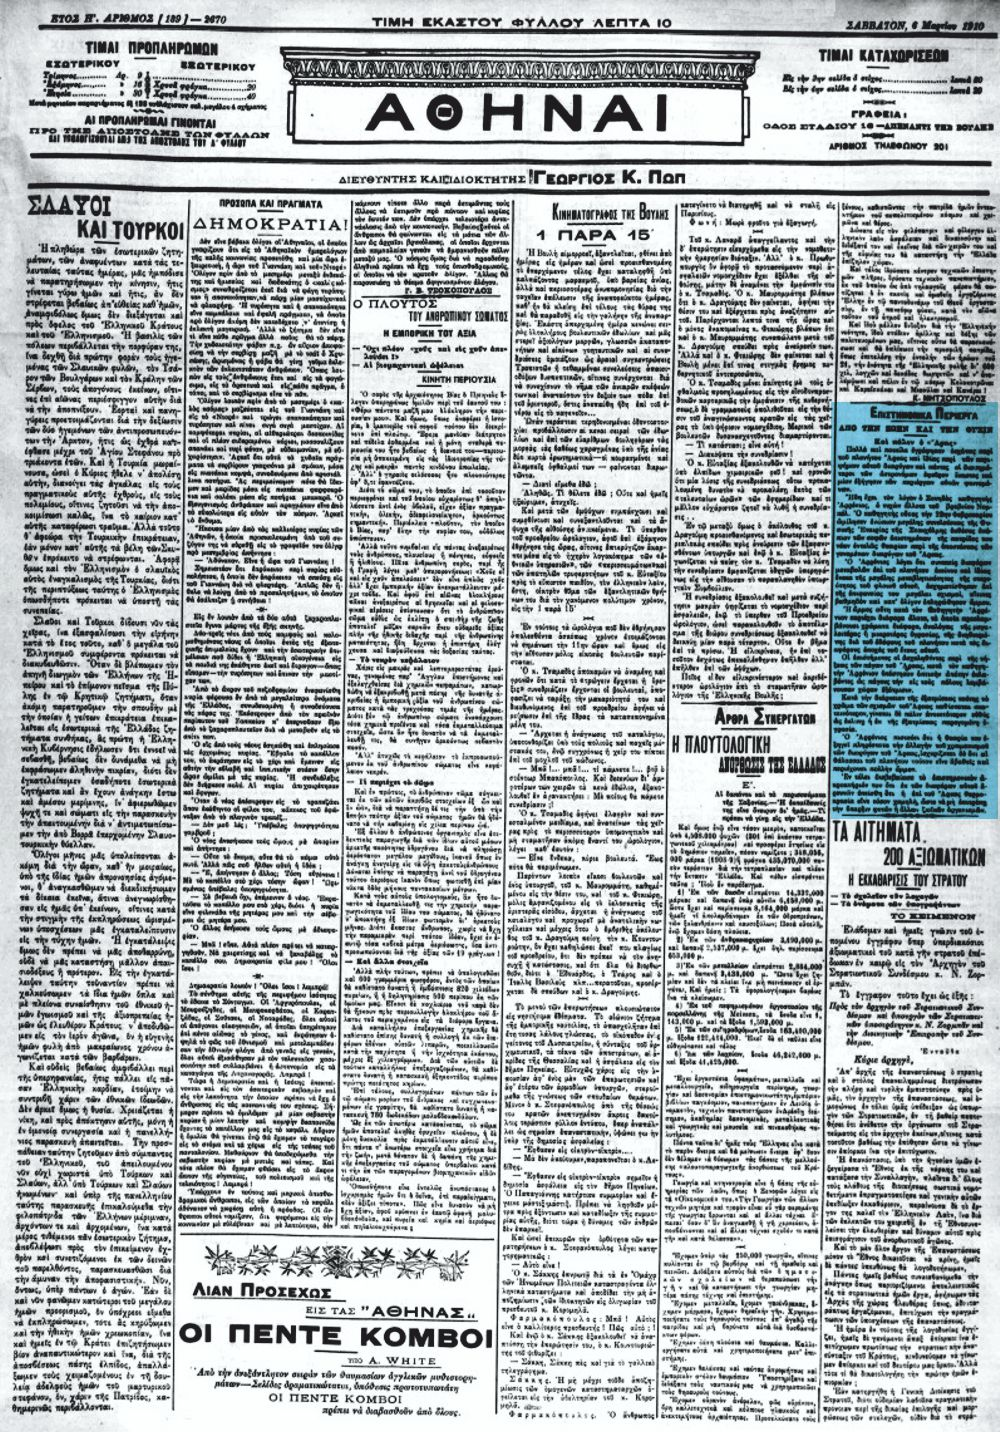 """Το άρθρο, όπως δημοσιεύθηκε στην εφημερίδα """"ΑΘΗΝΑΙ"""", στις 06/03/1910"""